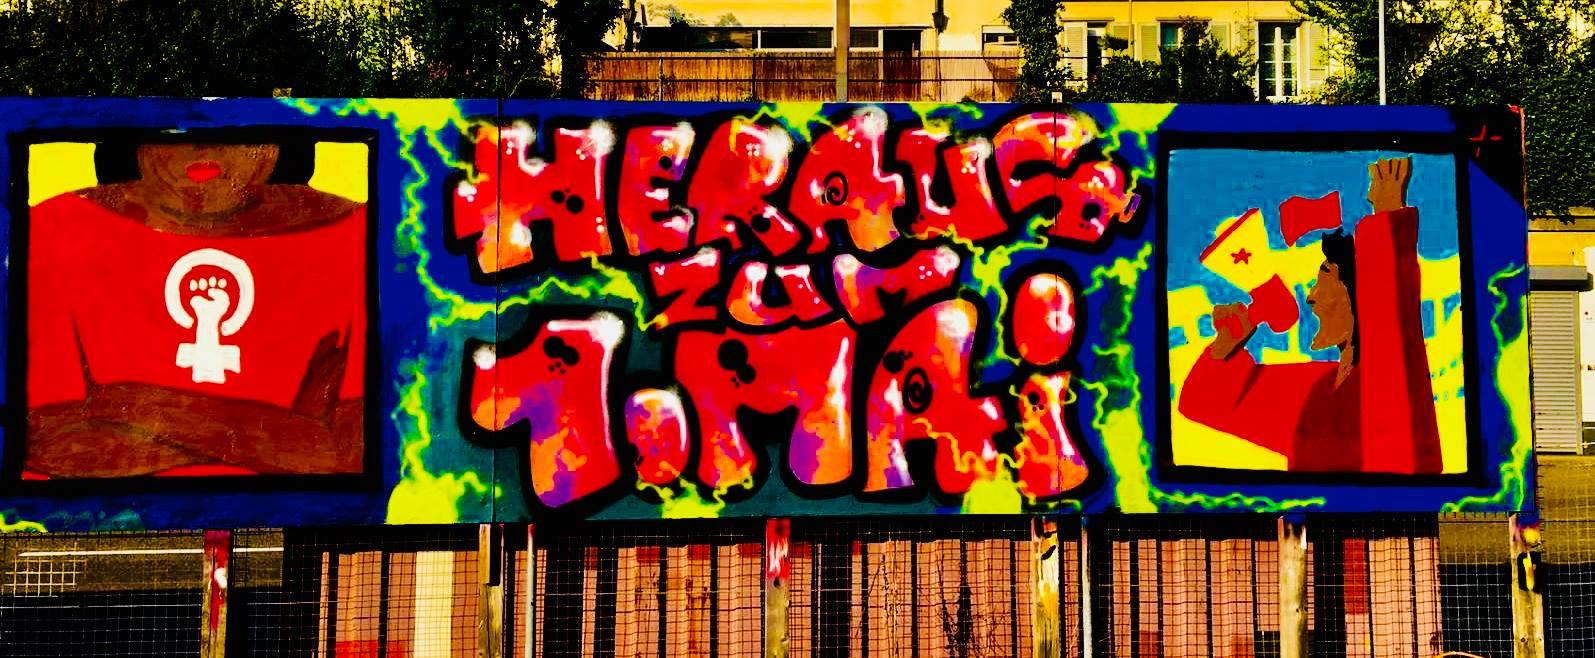 """Foto eines Wandbildes zum 1. Mai: In der Mitte der Text """"Heraus zum 1. Mai"""". Links eine gesprayte Zeichnung einer POC mit verschränkten Armen und einem roten Shirt mit dem Feministmus Symbol mit Faust. Rechts eine gespryte Zeichnung einer Person mit erhobener Faust, die Vor dem Hintergrund einer angedeuteten Demonstation in ein gelebes Megaphon mit rotem Stern schreit."""